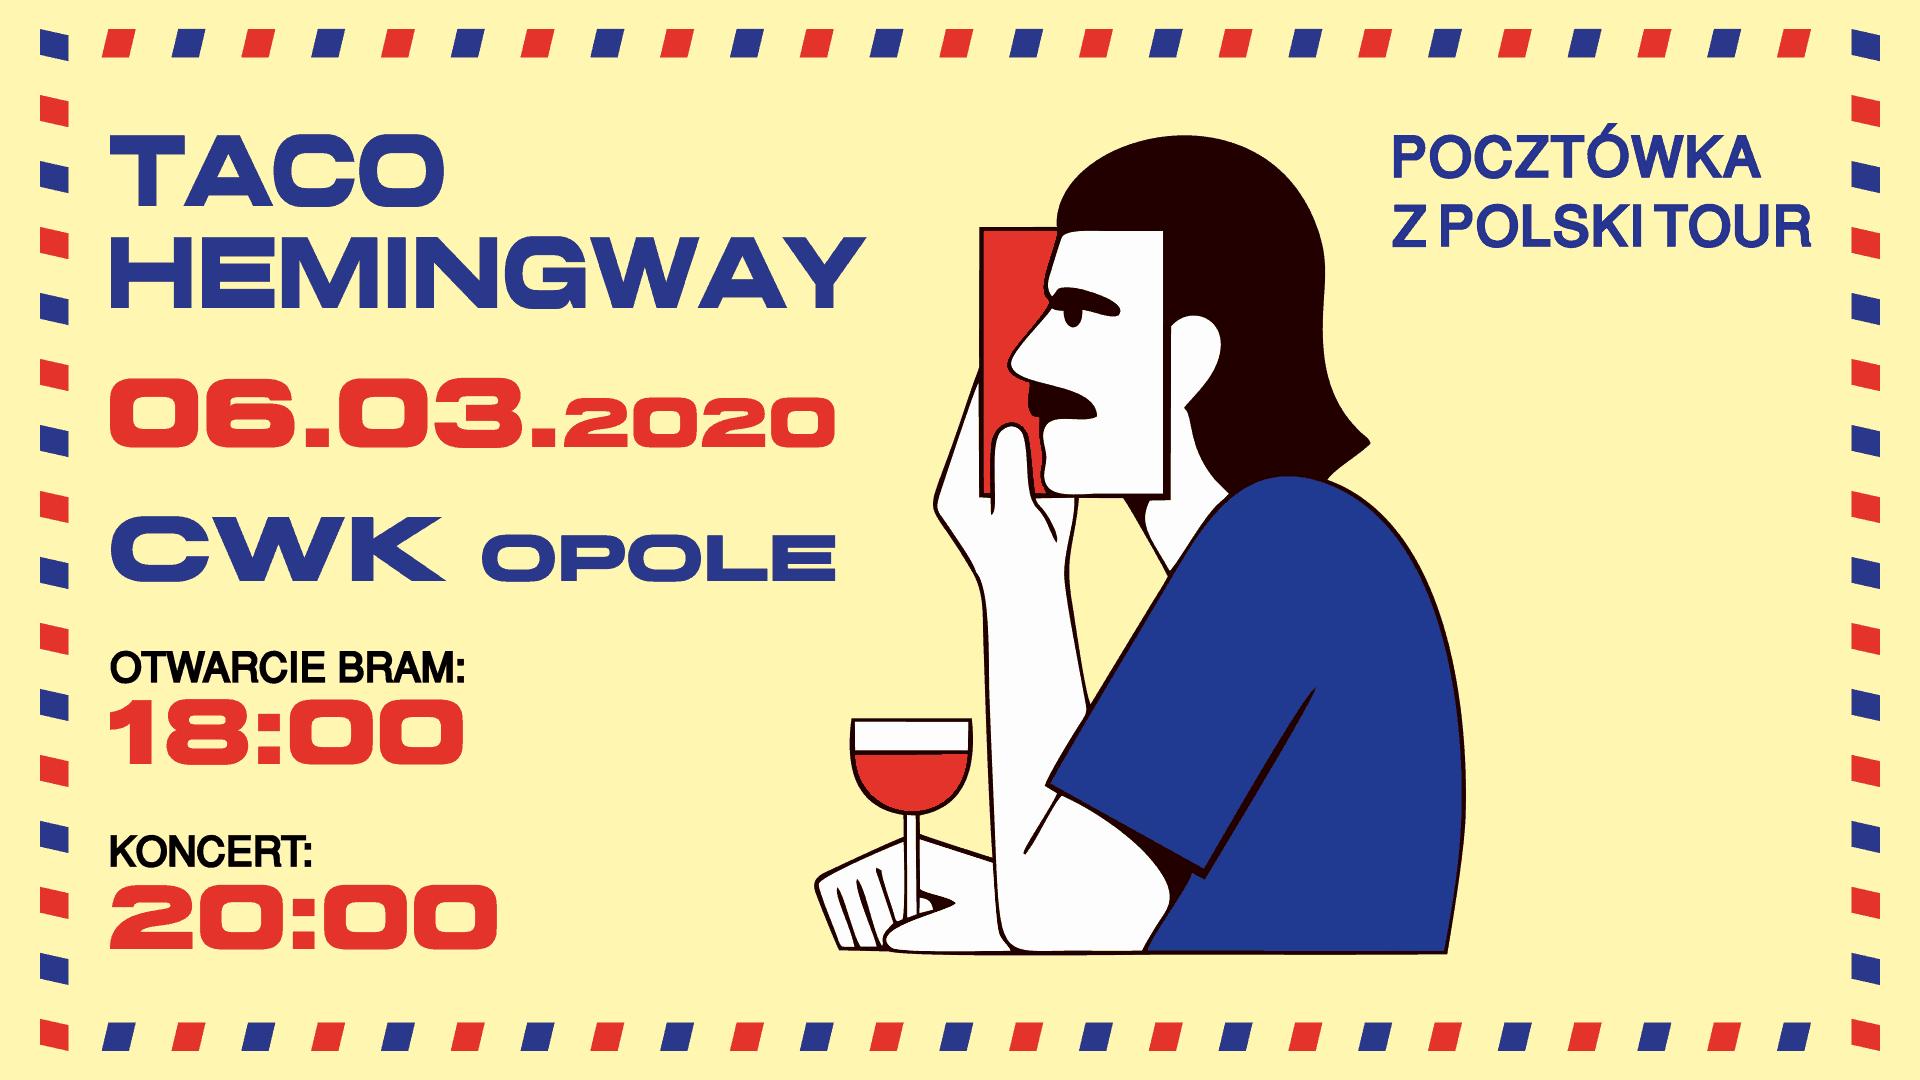 Prywatne: Taco Hemingway – Opole – Pocztówka z Polski